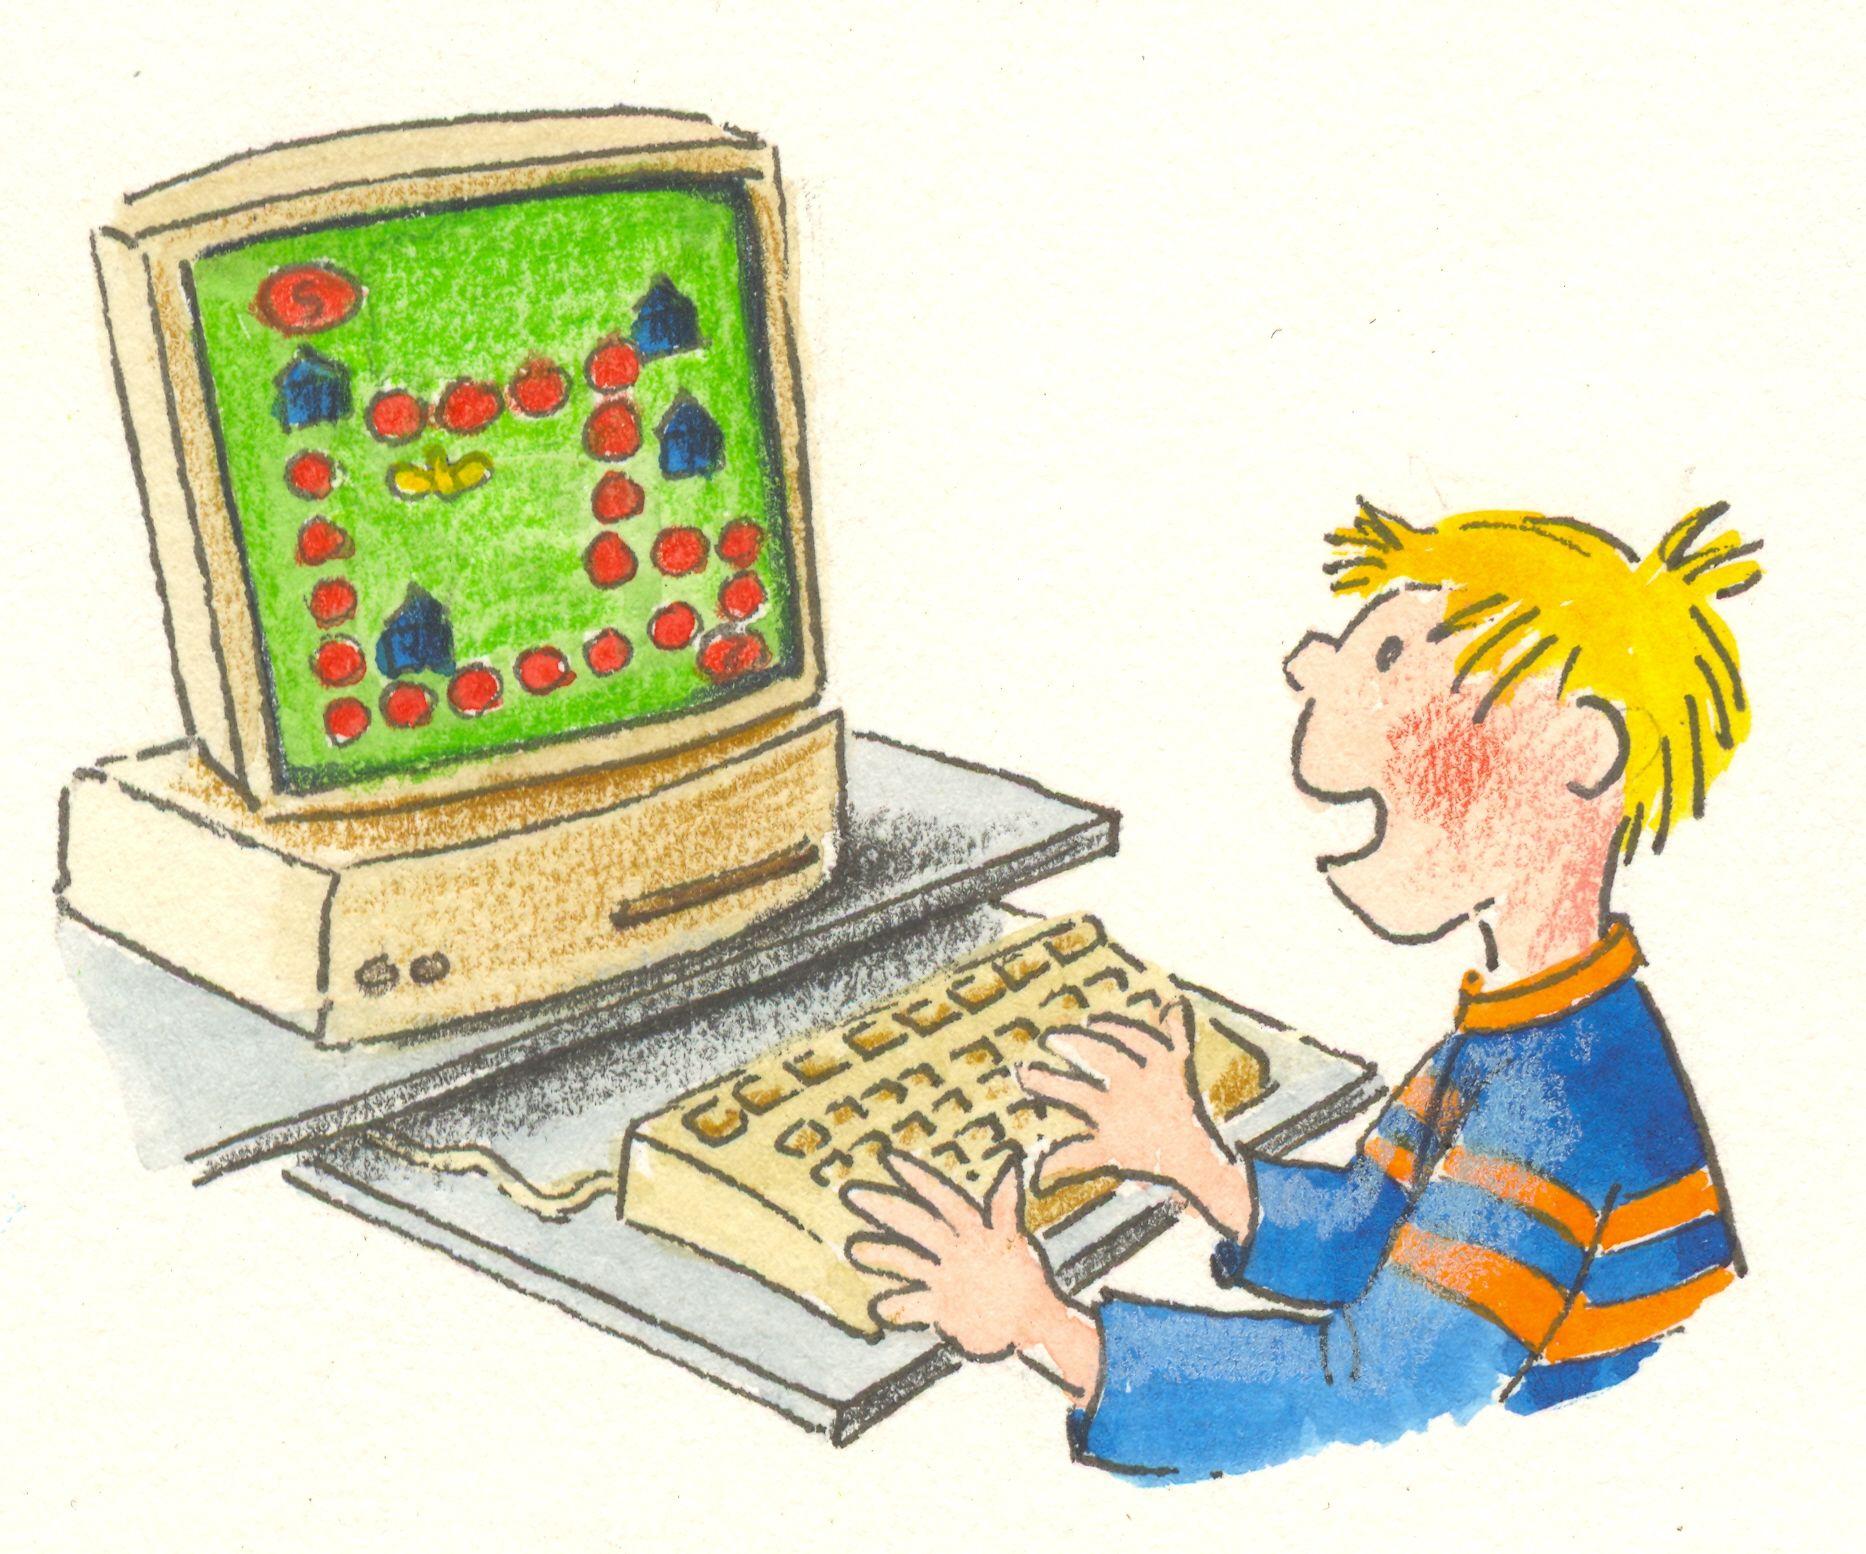 Картинки рисованные мальчик играет в компьютерные игры